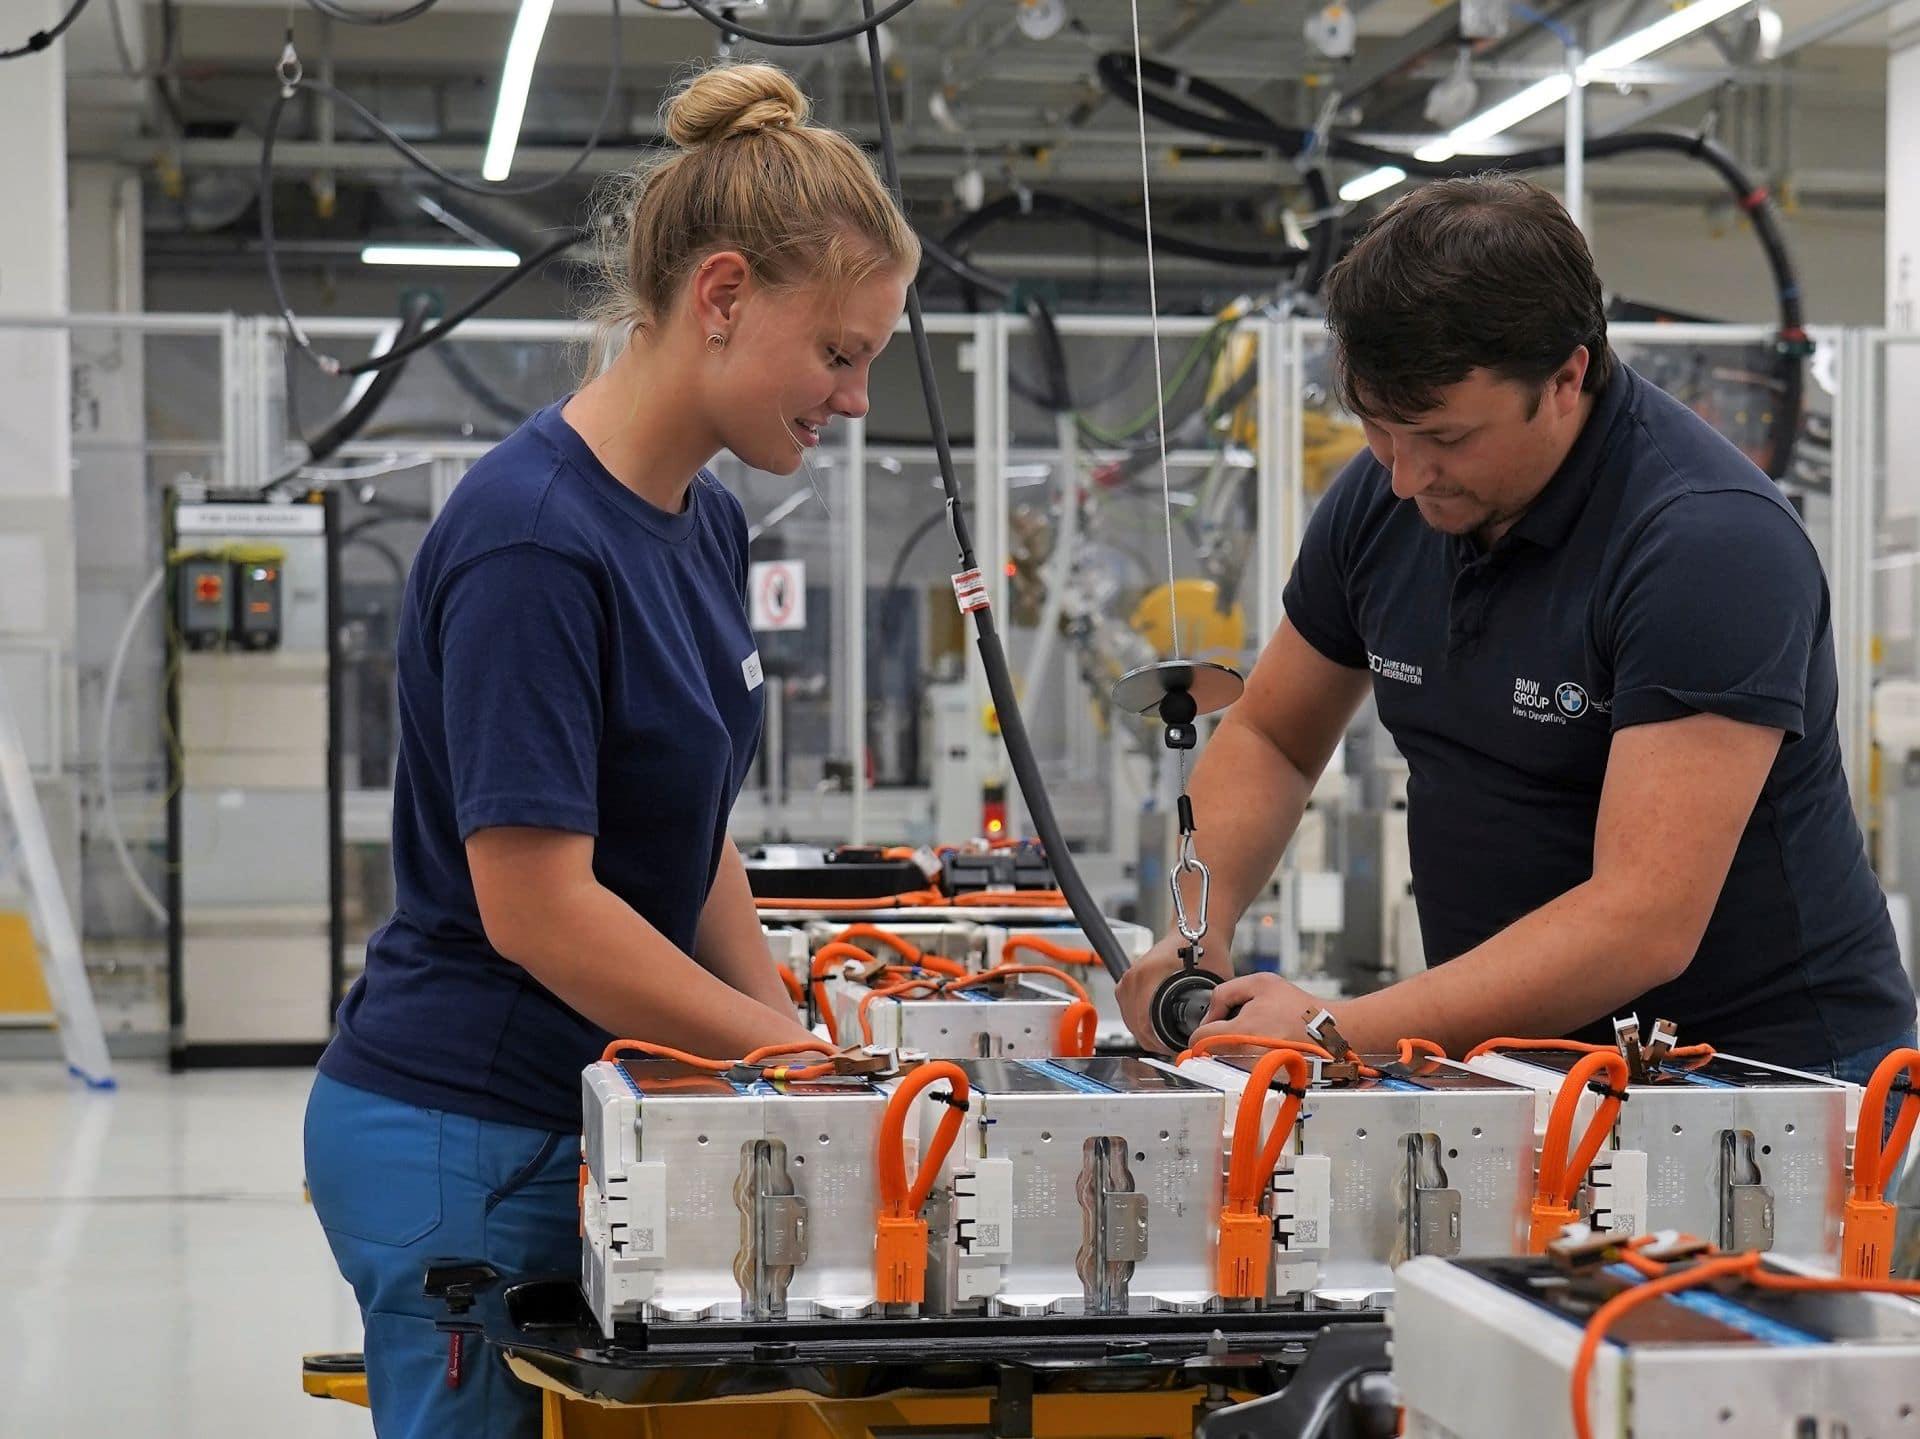 BMW bekommt E-Auto-Nachfrage zu spüren - Beschleunigt Produktionsausbau